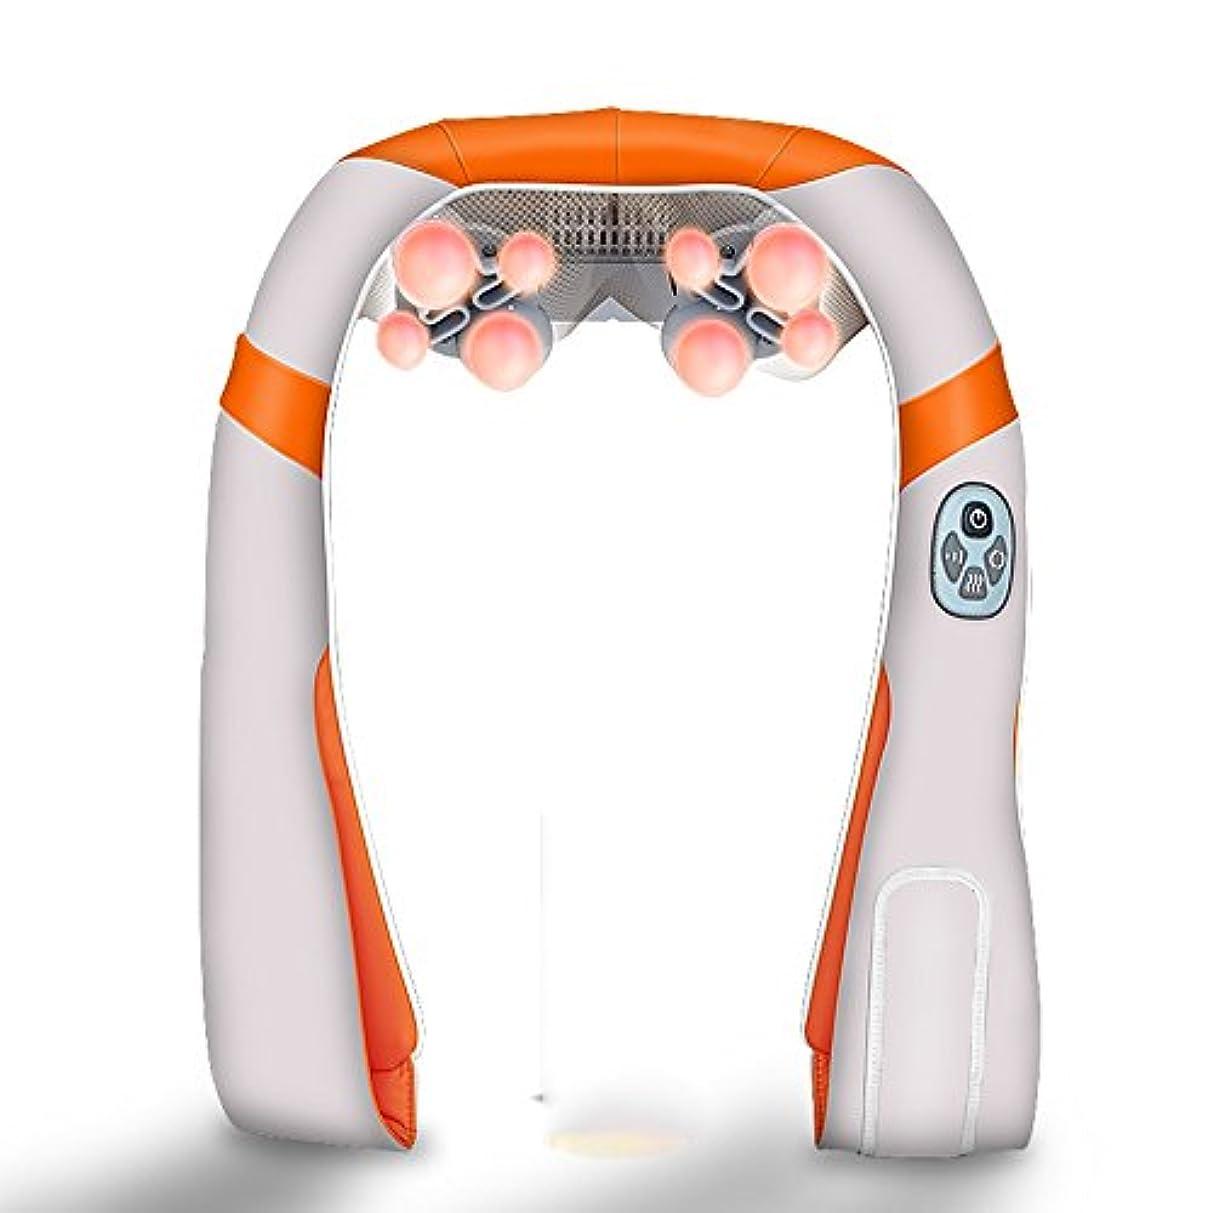 アミューズメントロッド穿孔するHAIZHEN マッサージチェア フルボディマッサージ器電動運動の混乱指圧ローリングホットパックリウマチの痛みを和らげる頭の血液循環を促進する充電式/電源式 (色 : Orange)